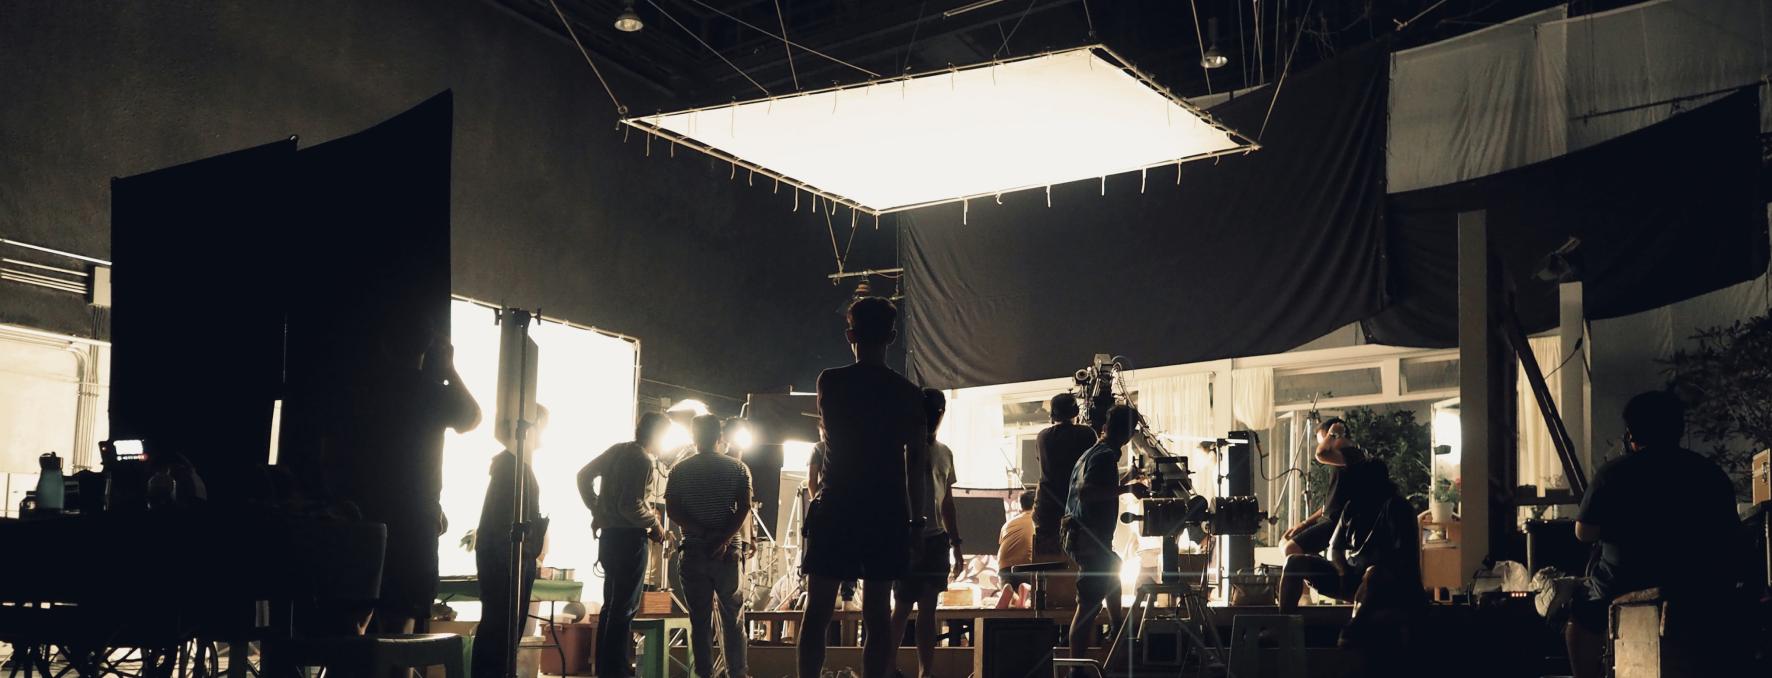 Film studio with crew